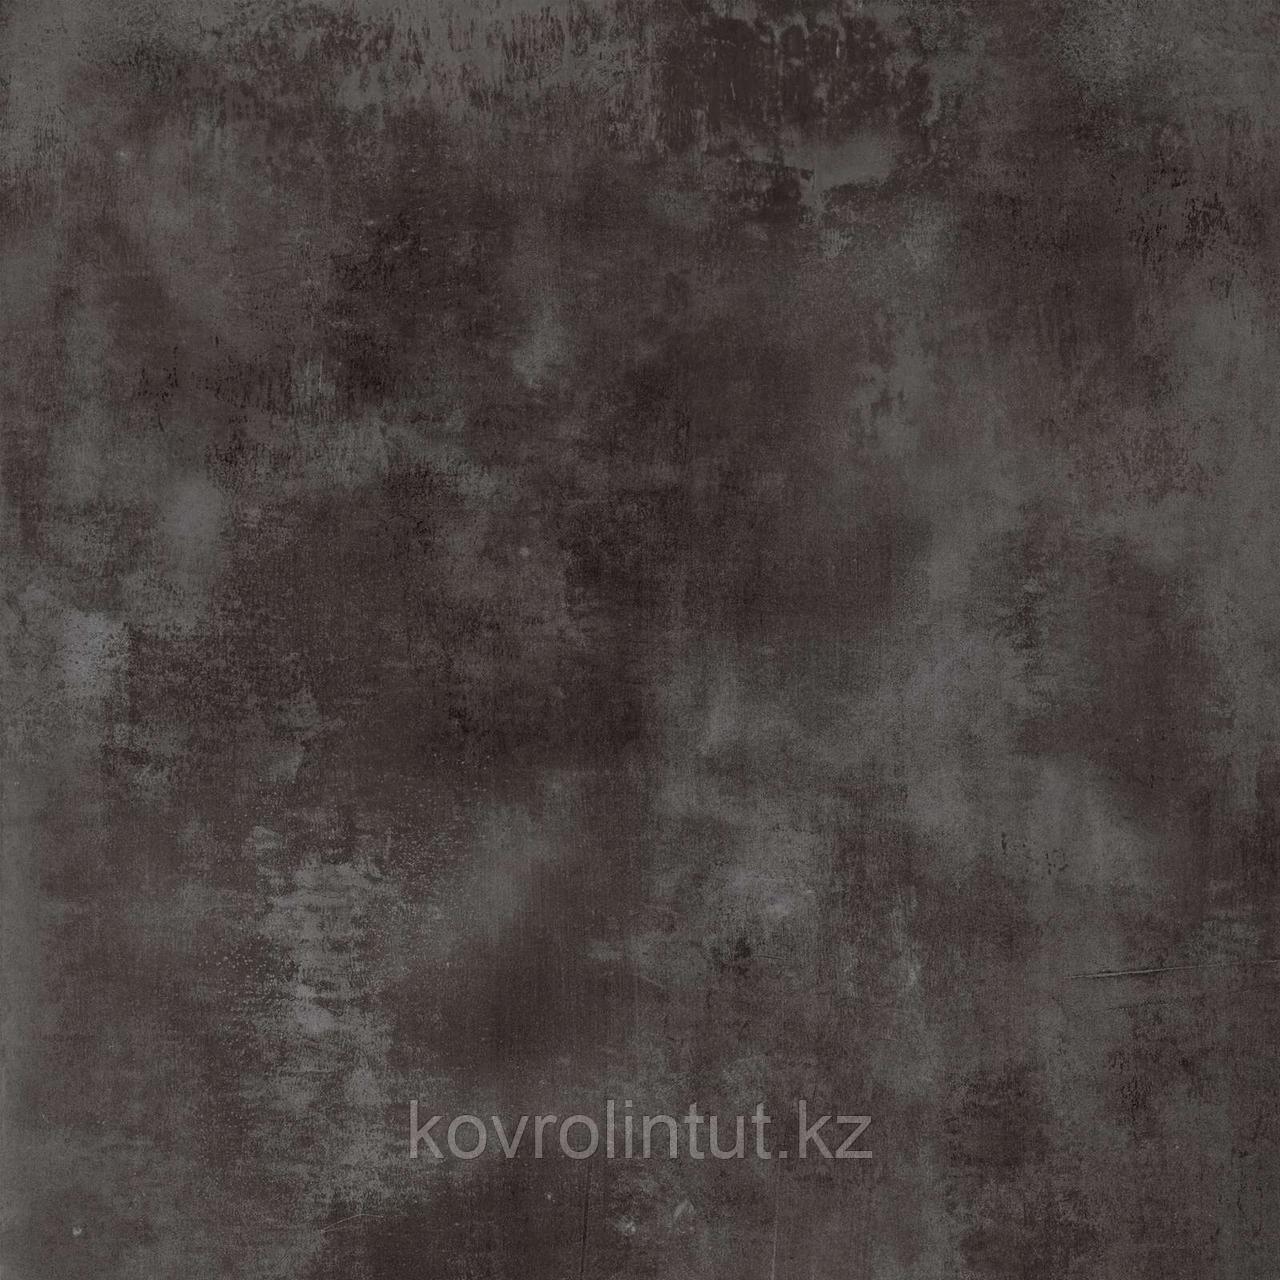 Плитка ПВХ замковая IVC Ultimo Dorato Stone 40992